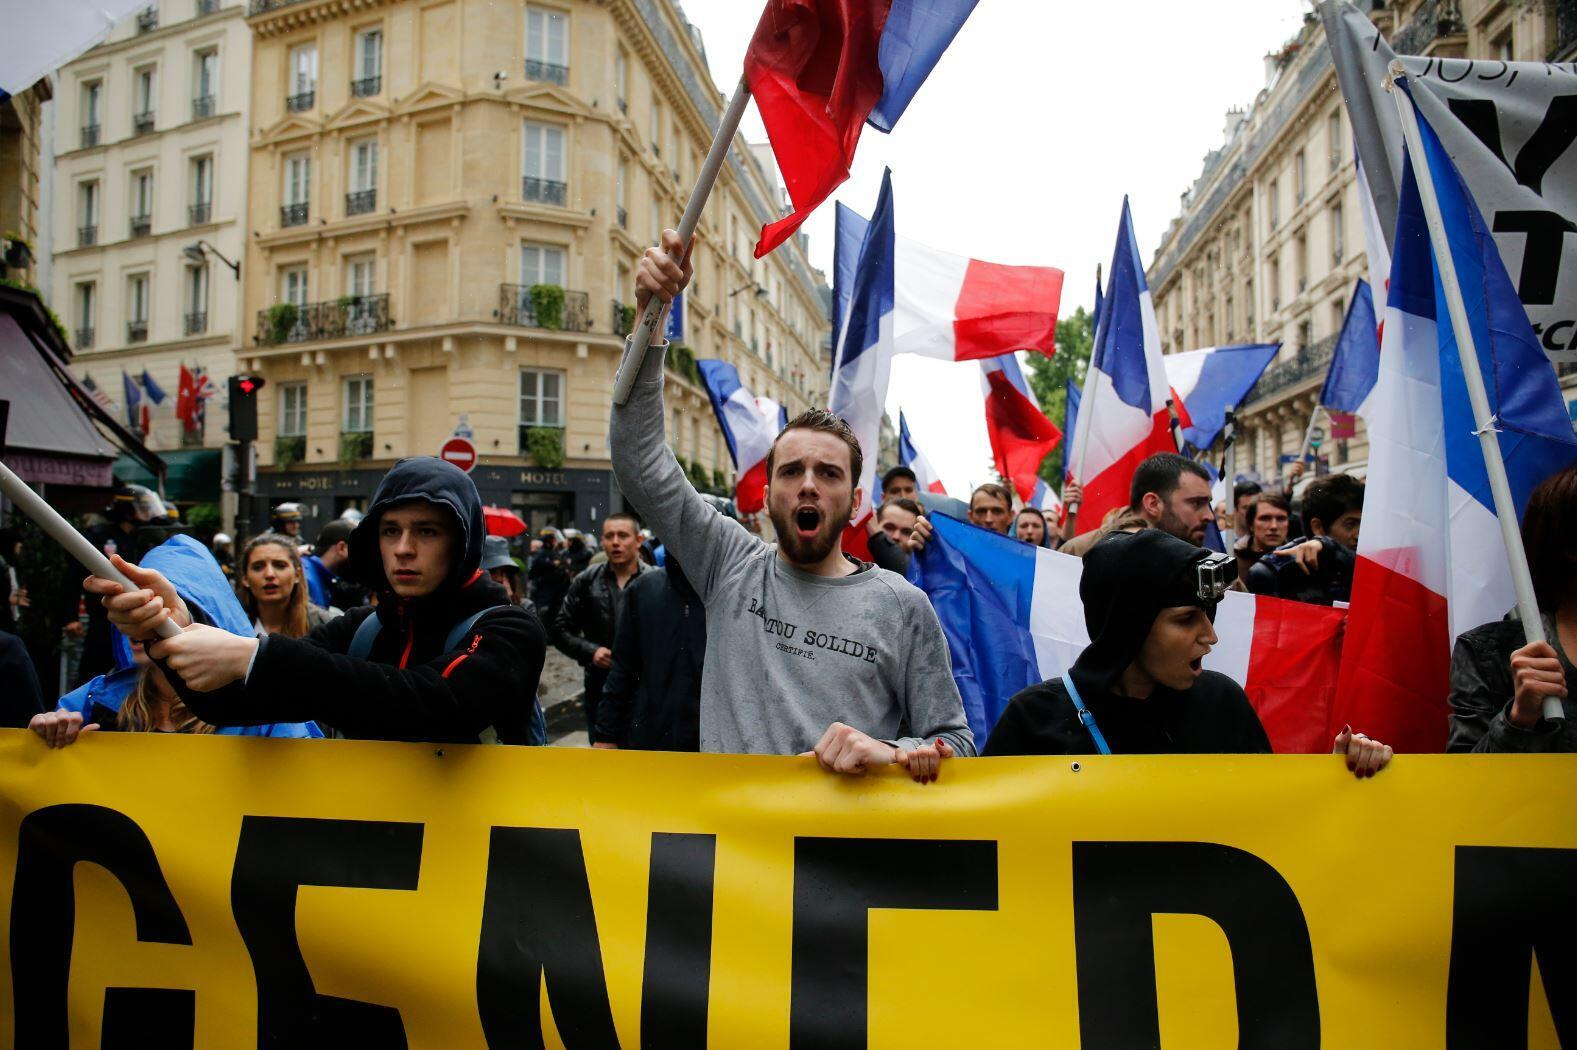 Manifestação do grupo de extrema direita Génération Identitaire em 2016, em Paris.